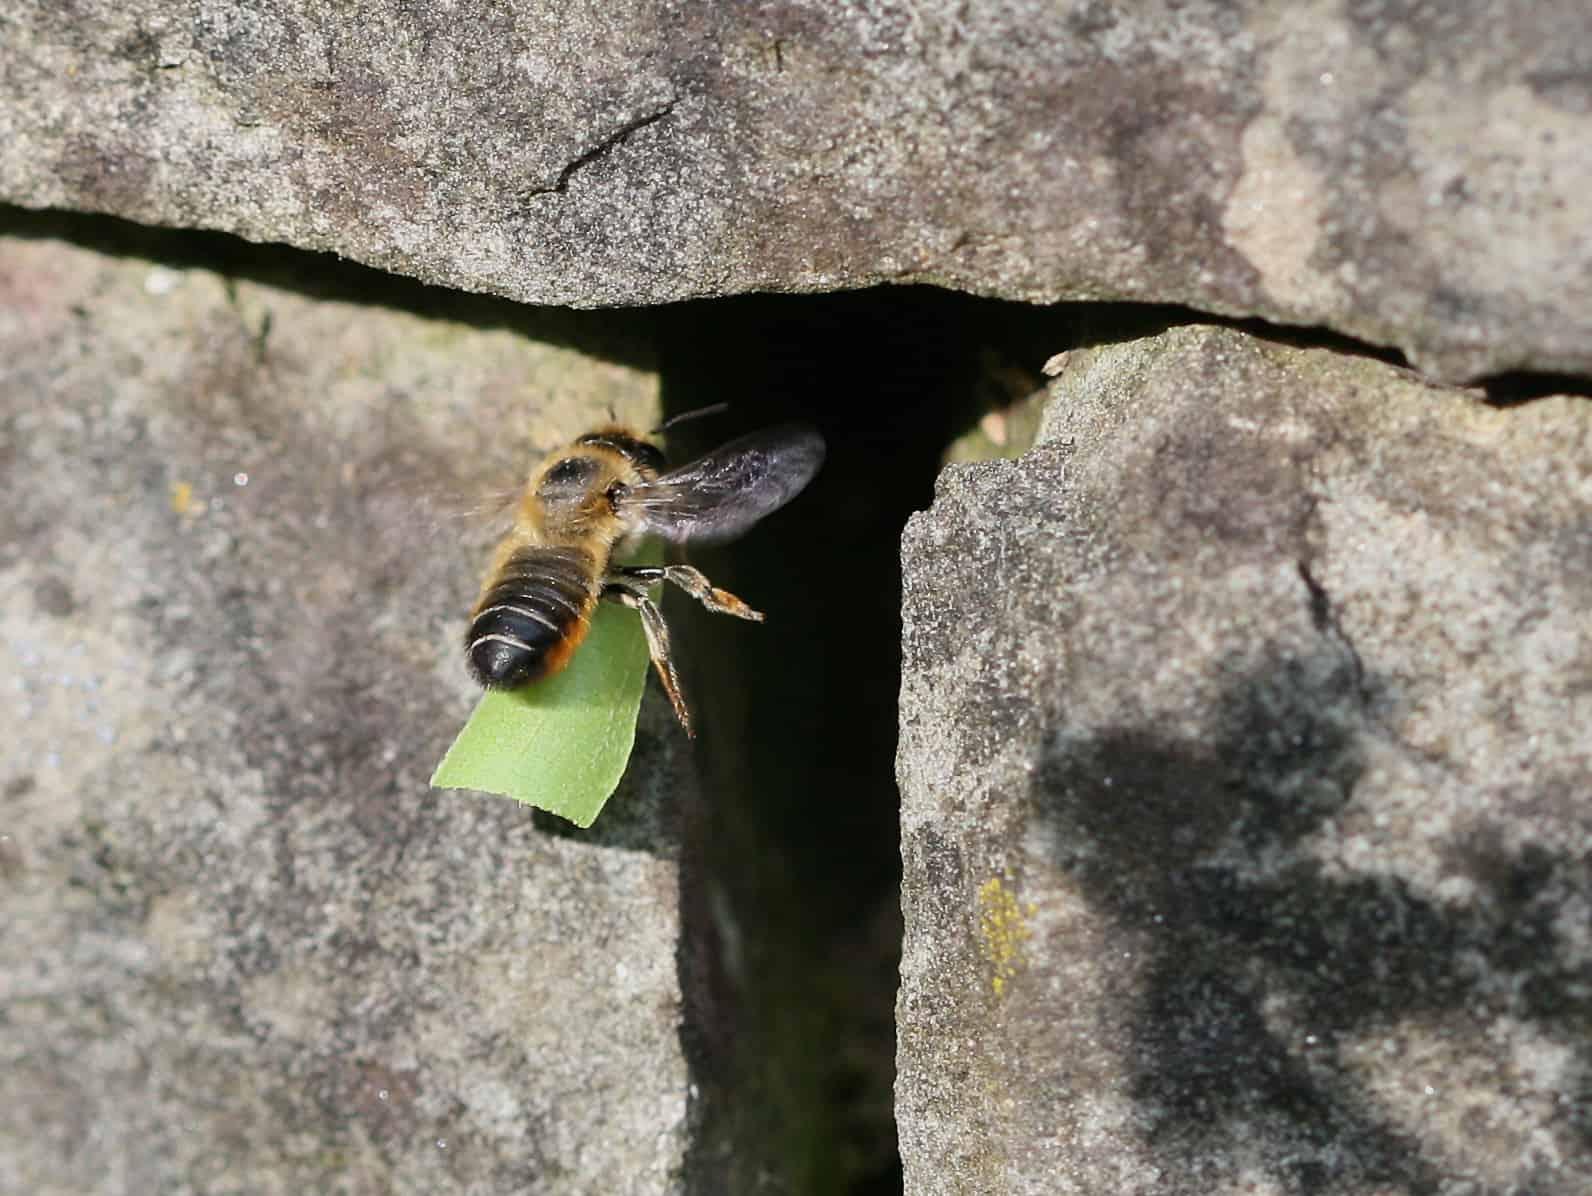 Blattschneiderbiene in Trockensteinmauer